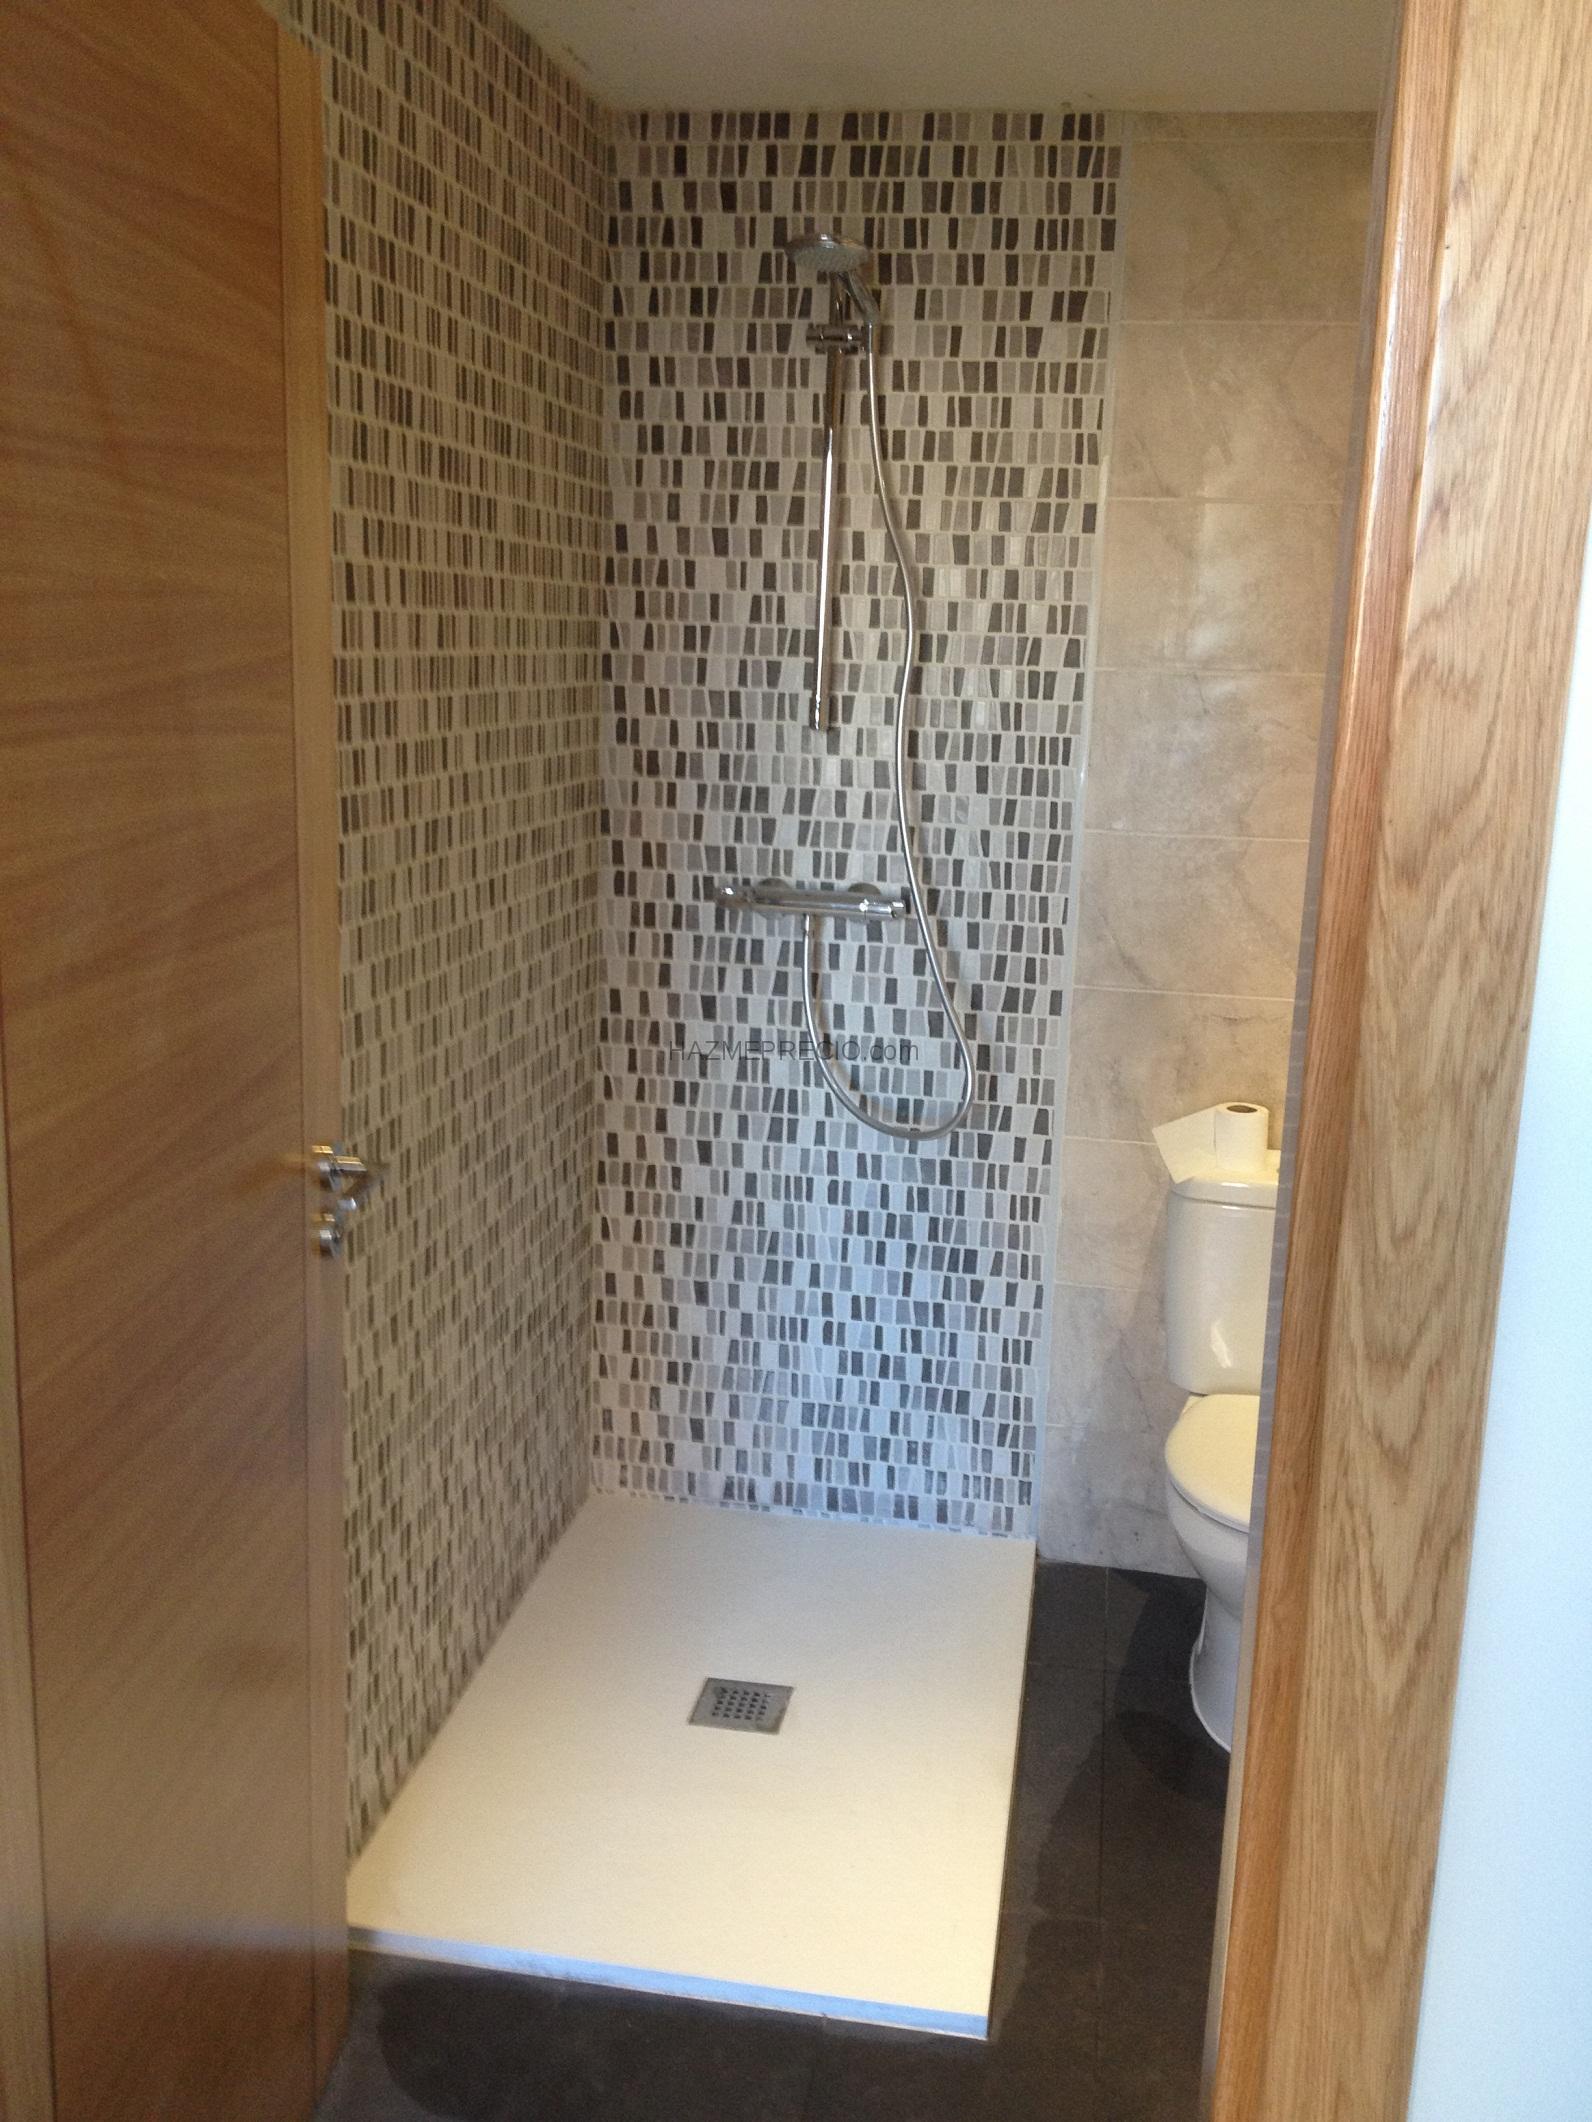 Reforma Baño A Ducha:Cambio plato de ducha en Vitoria_Gasteiz:Sustitucion plato ducha